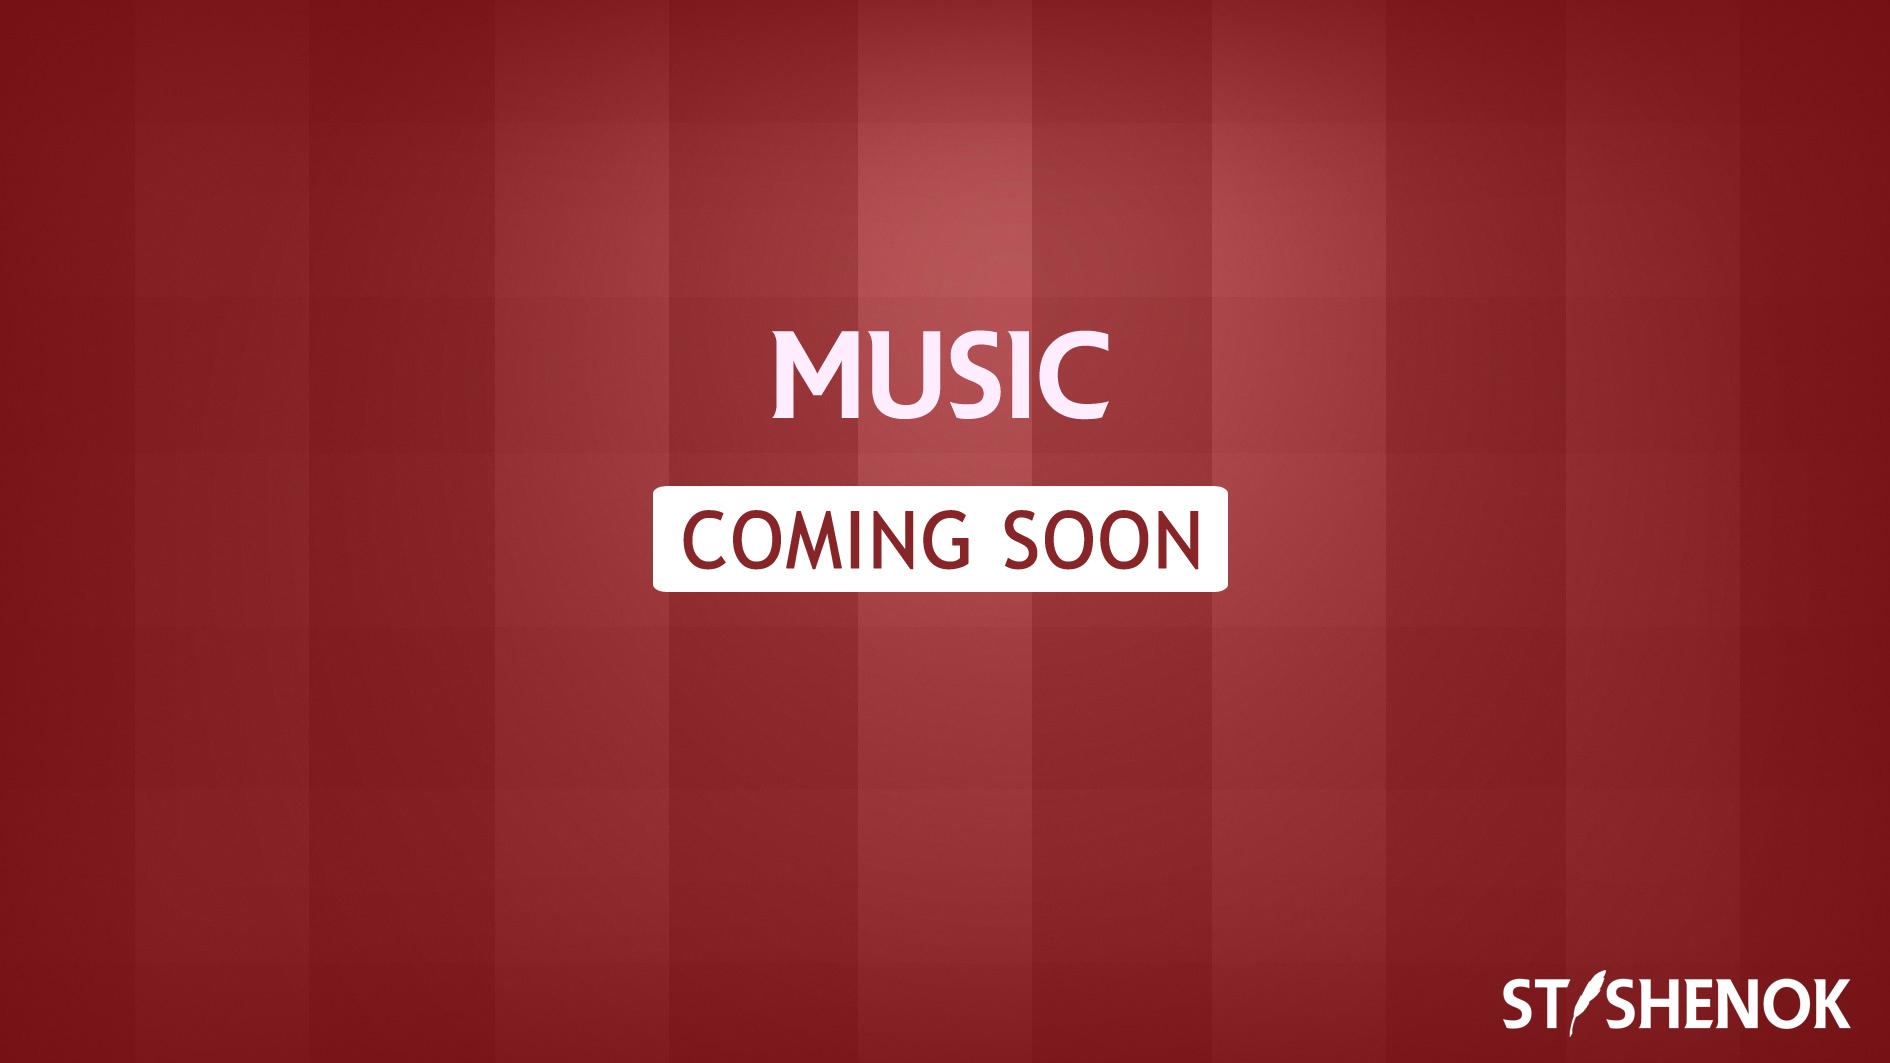 Stishenok Music Coming Soon